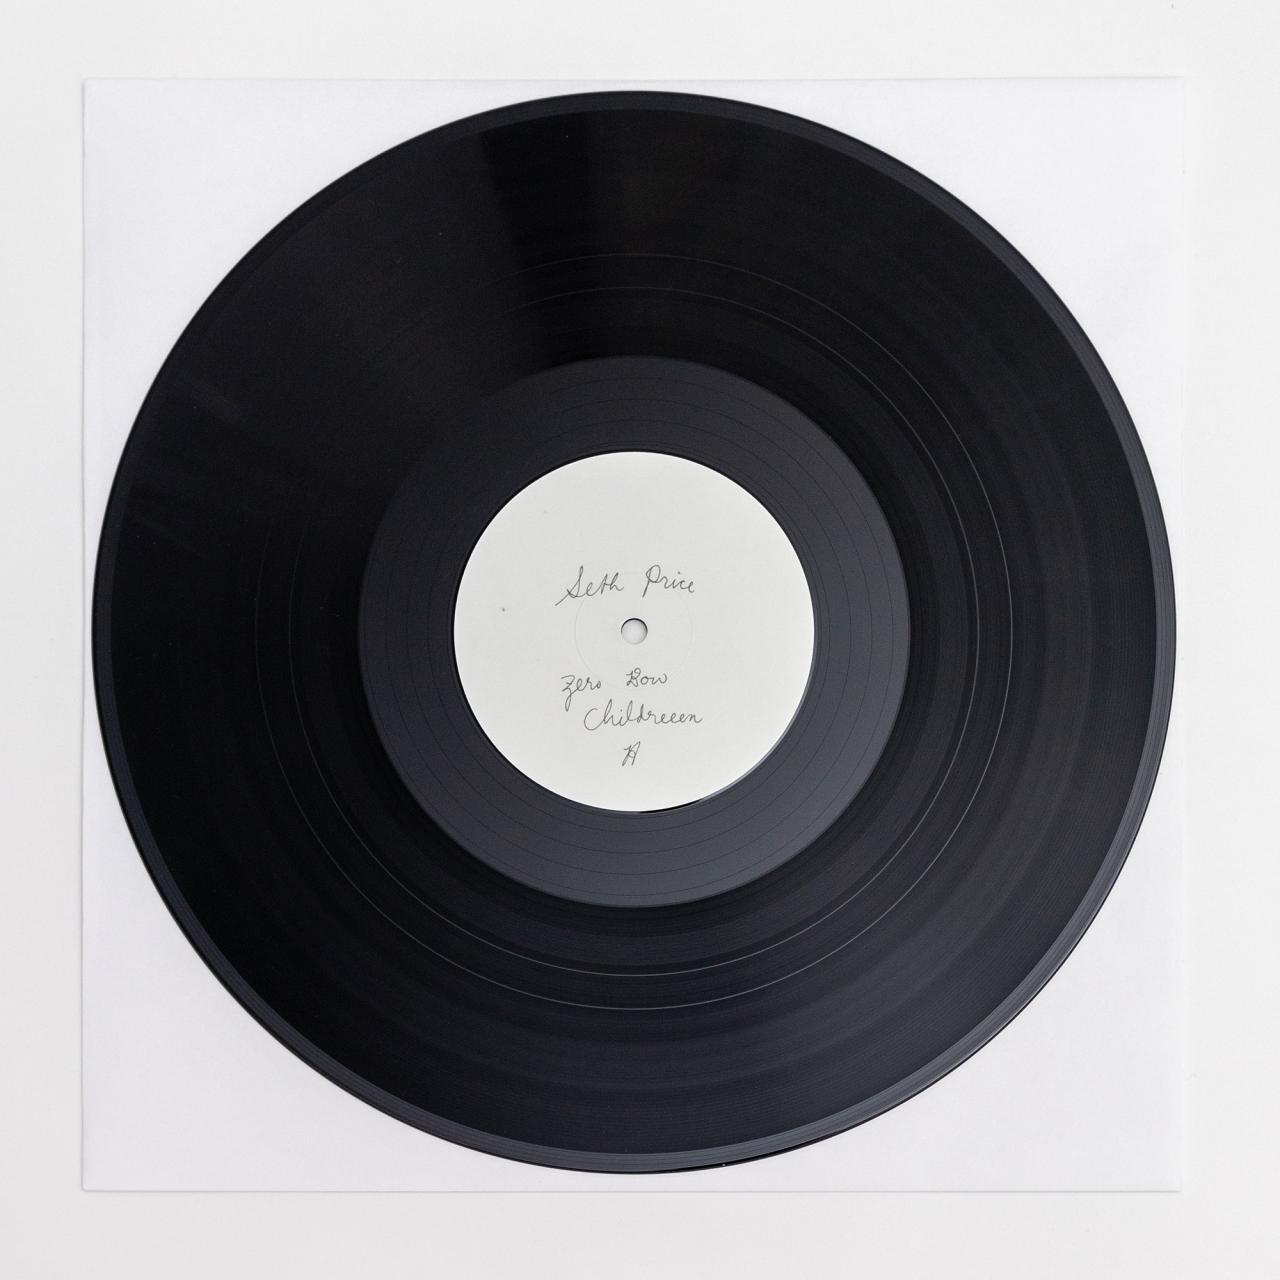 """Seth Price,""""Zero Bow Childreeen"""" LP."""